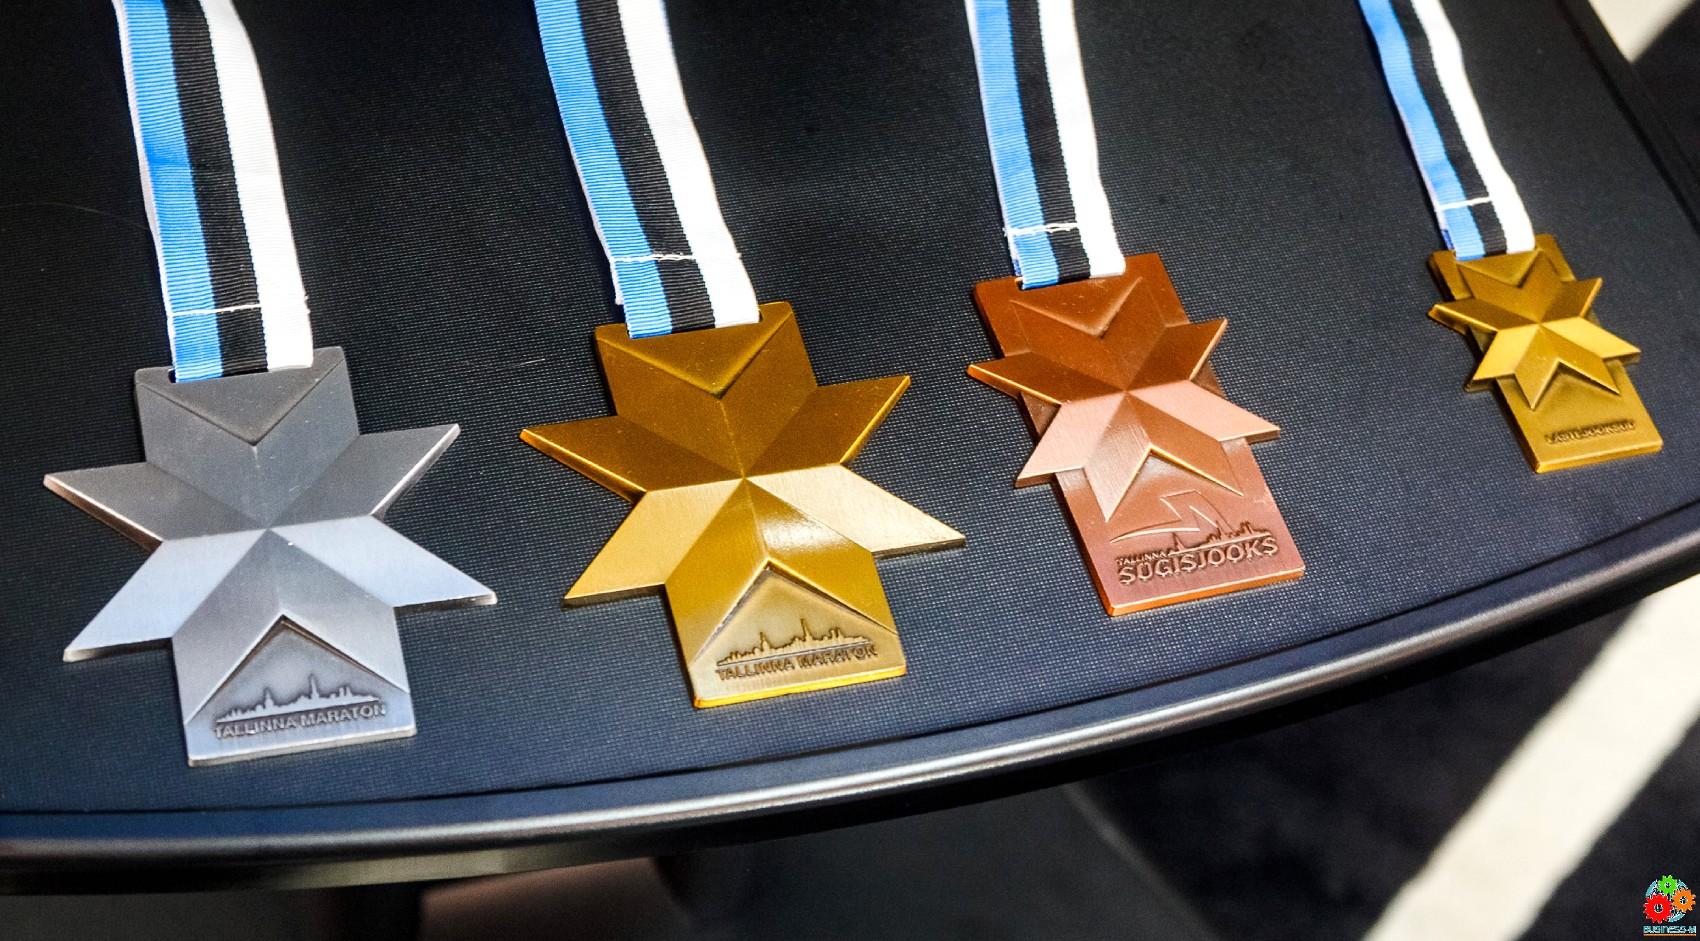 В Таллинн за медалями – в субботу состоятся марафонские забеги